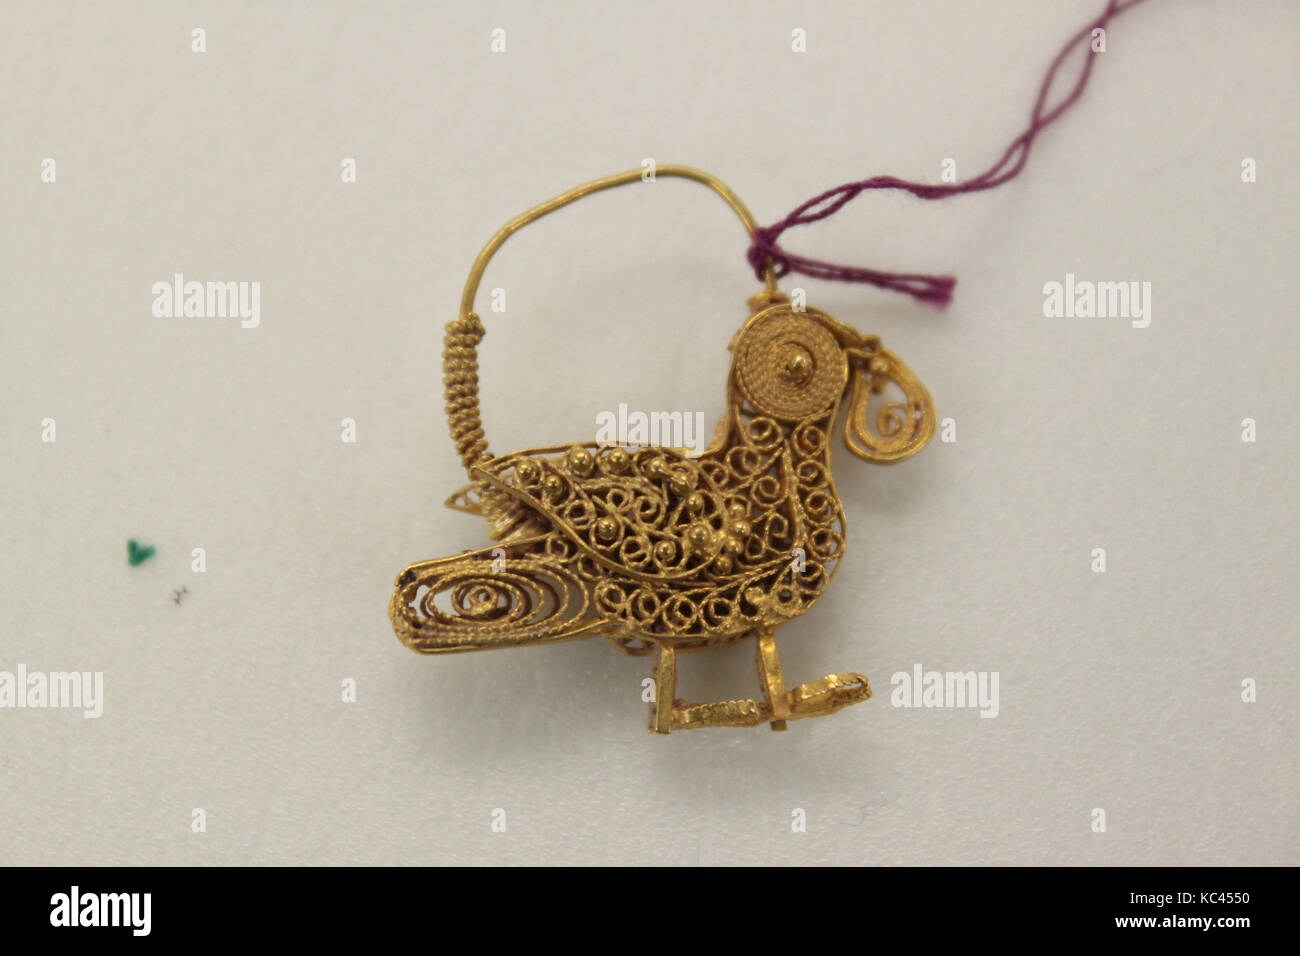 Ohrring, 11. - 12. Jahrhundert ausgegraben, gefunden/Iran, rayy ...